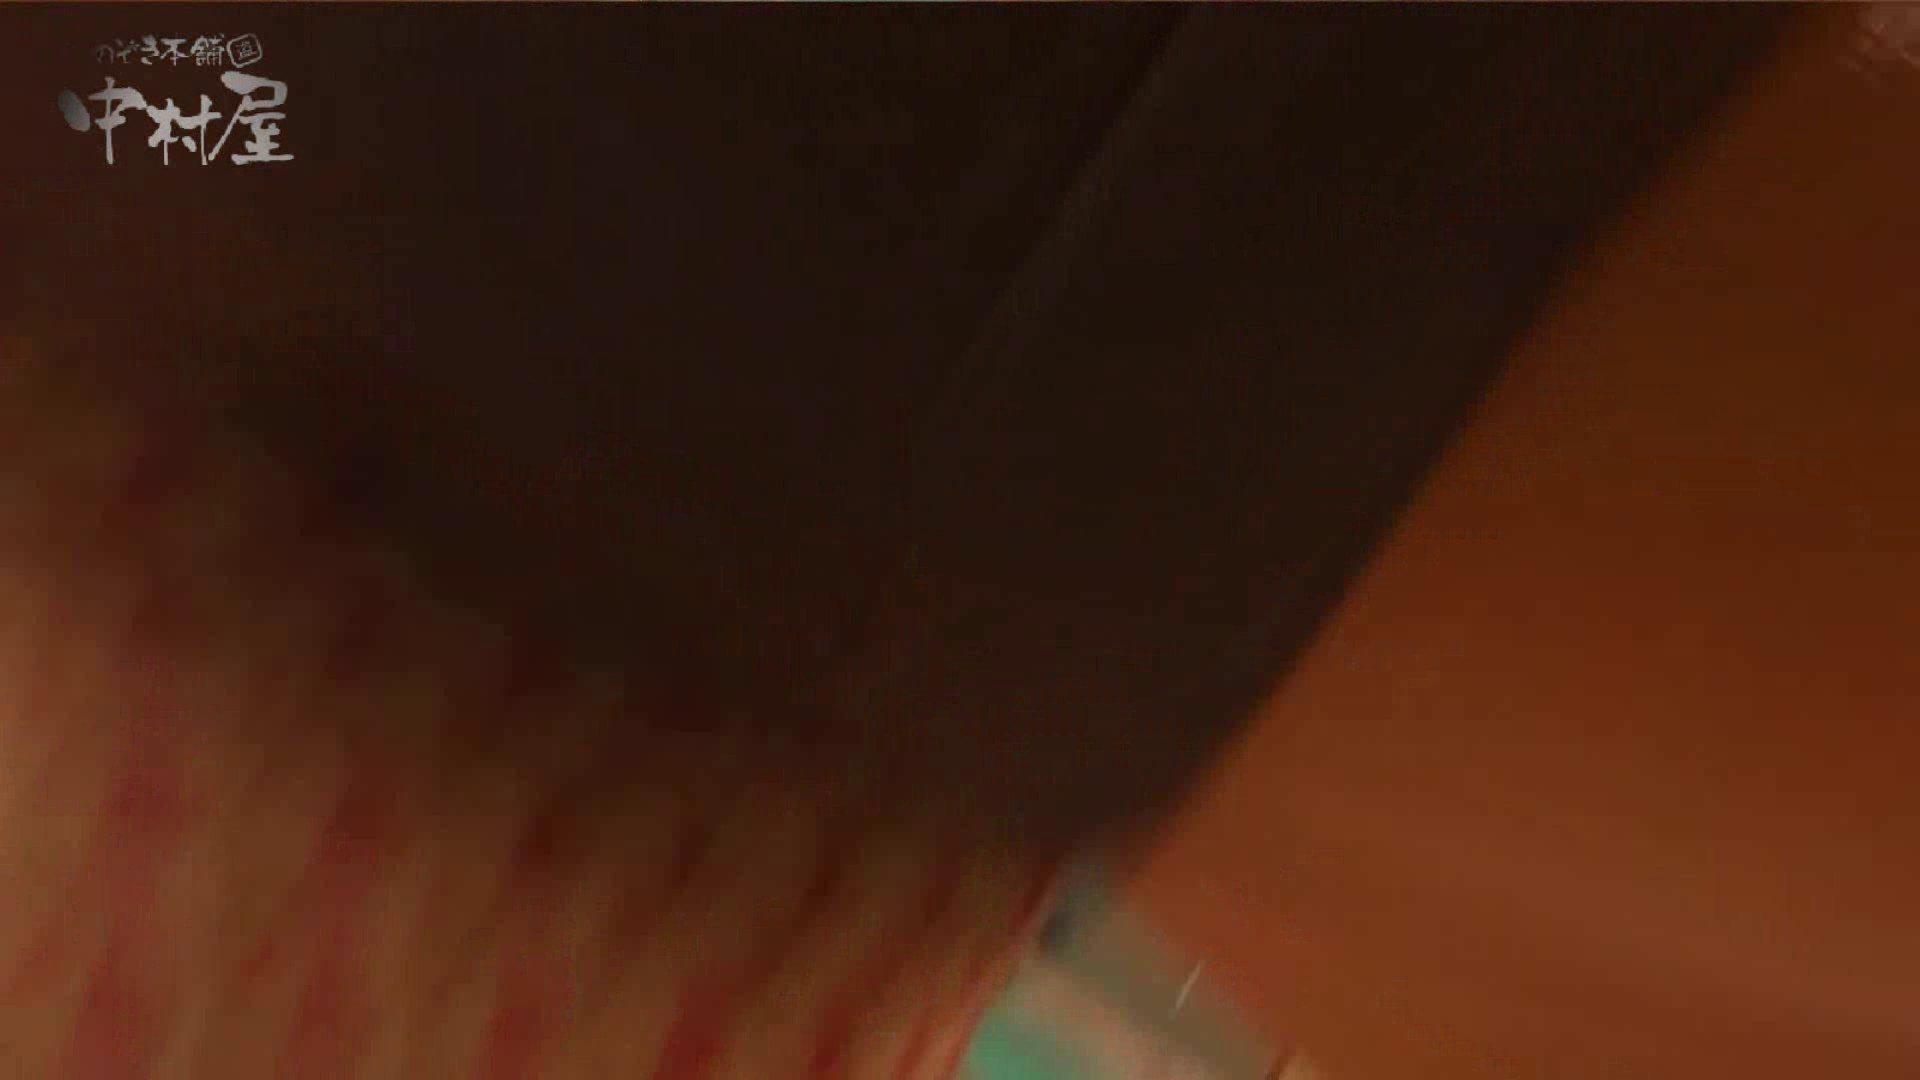 vol.69 美人アパレル胸チラ&パンチラ ストライプパンツみっけ! パンチラ  112PIX 96